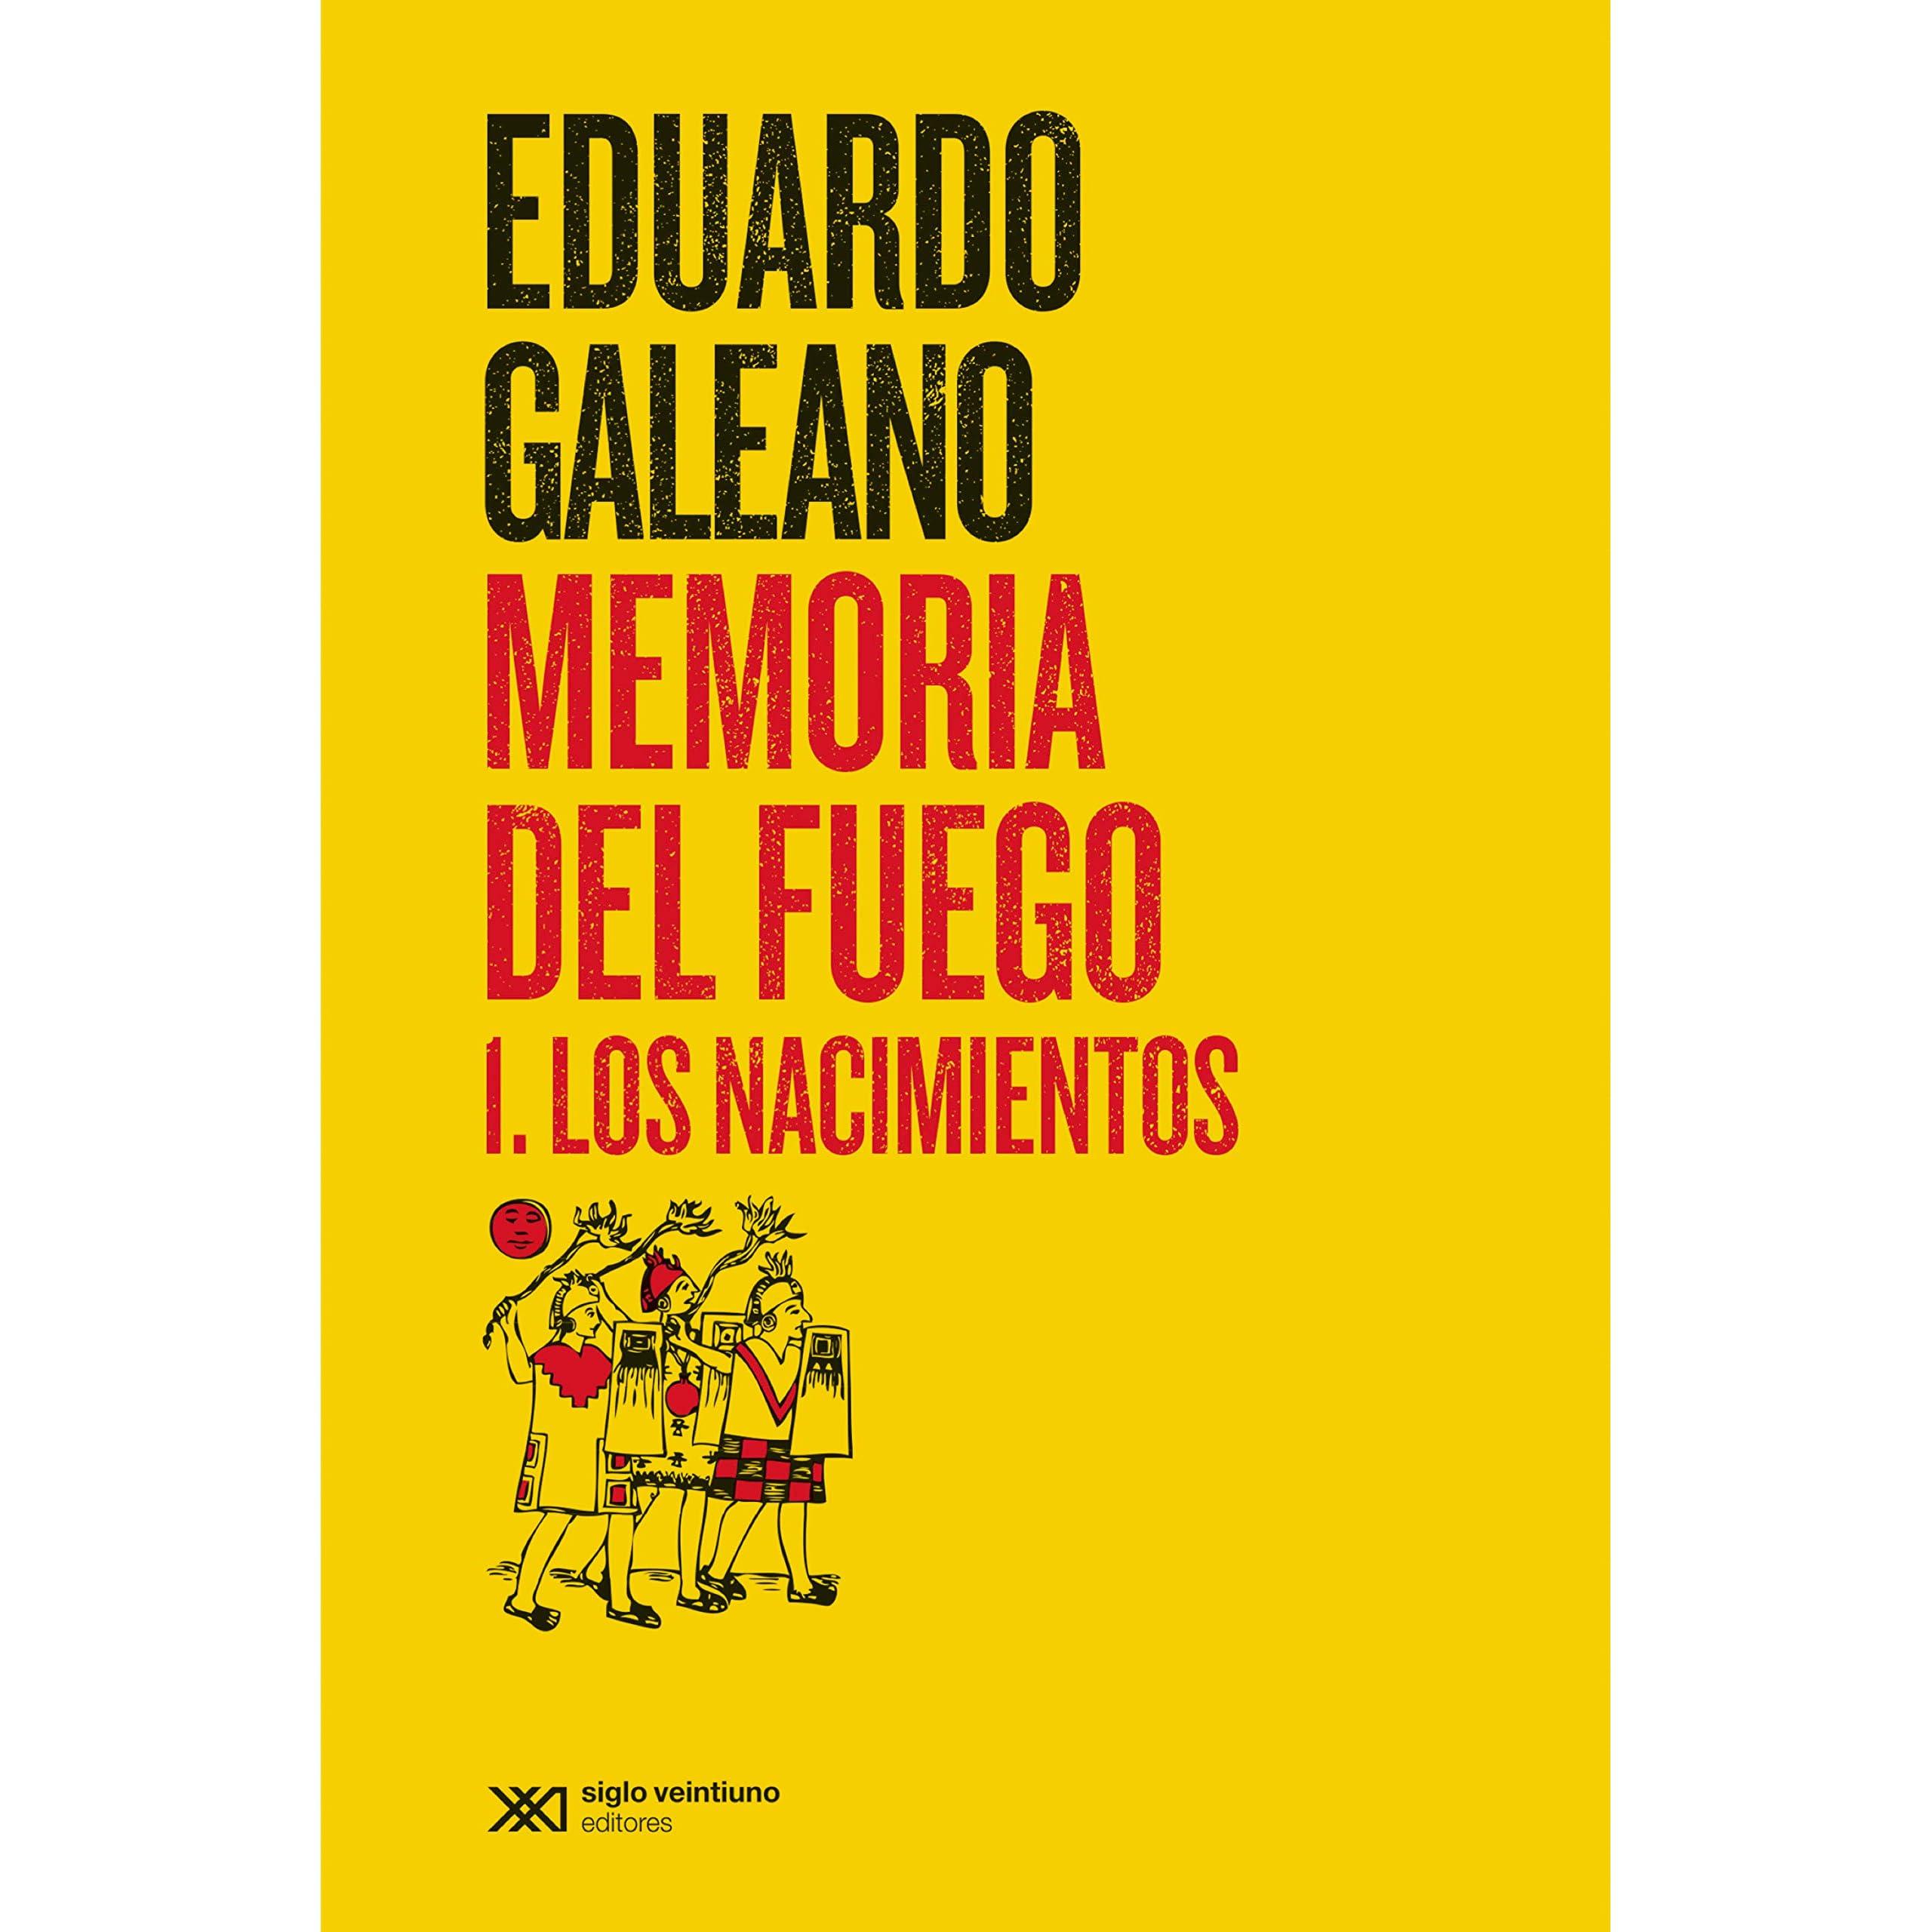 Memoria del fuego 1: Los nacimientos by Eduardo Galeano